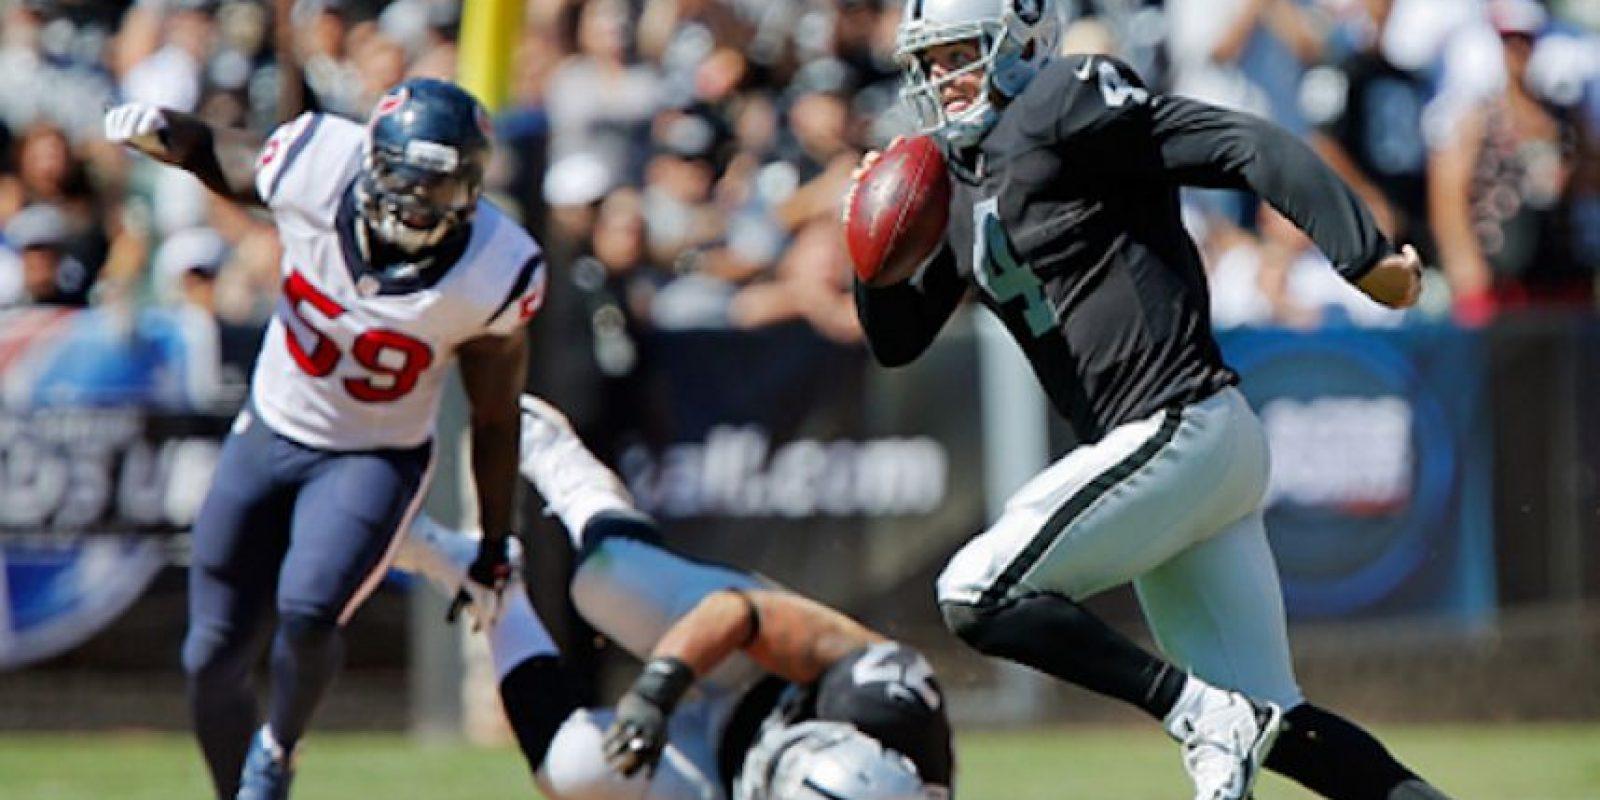 Los Texanos chocarán con los Raiders el 21 de noviembre, en el Estadio Azteca. Foto:Getty Images